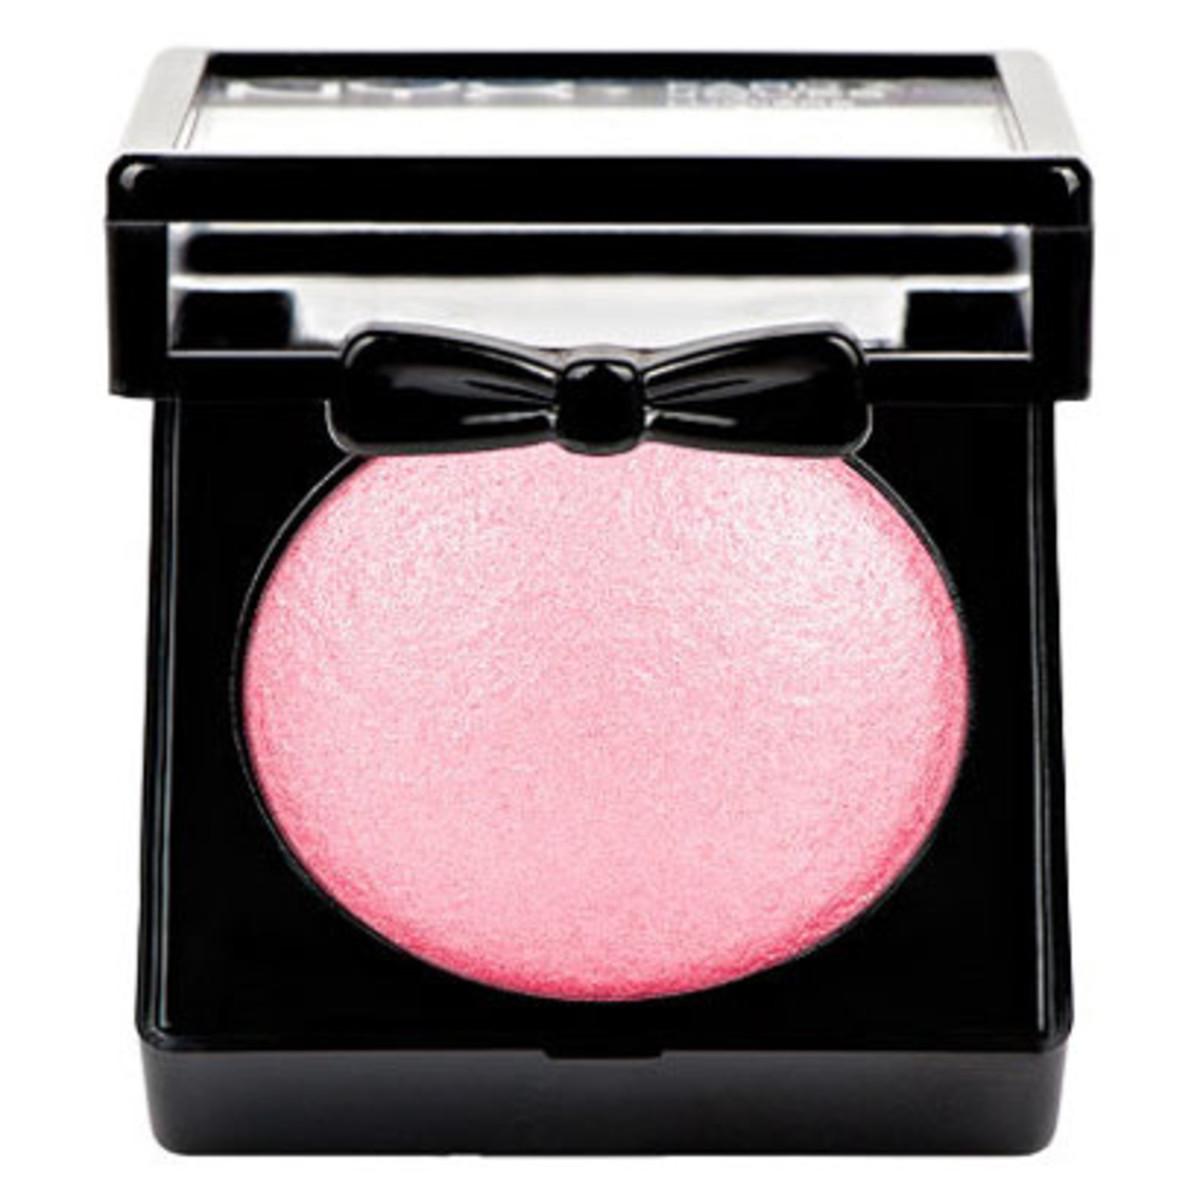 NYX Cosmetics Baked Blush in Ladylike